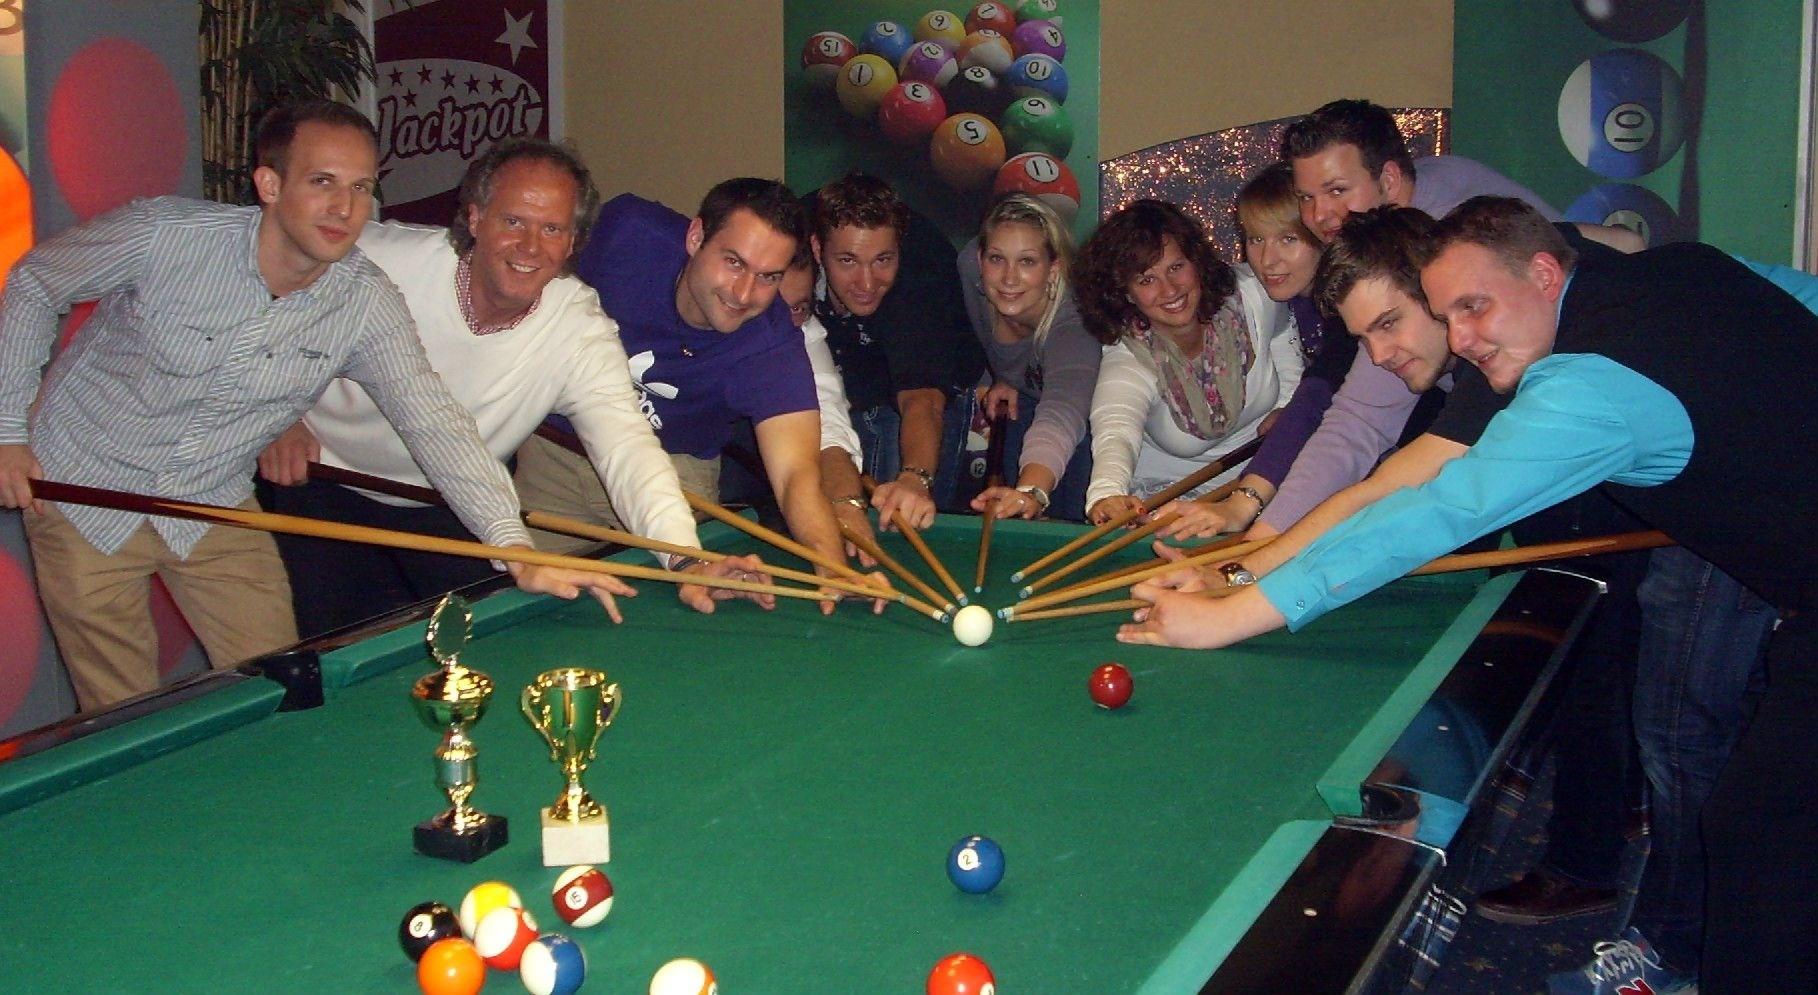 Casino Jackpot Salzgitter